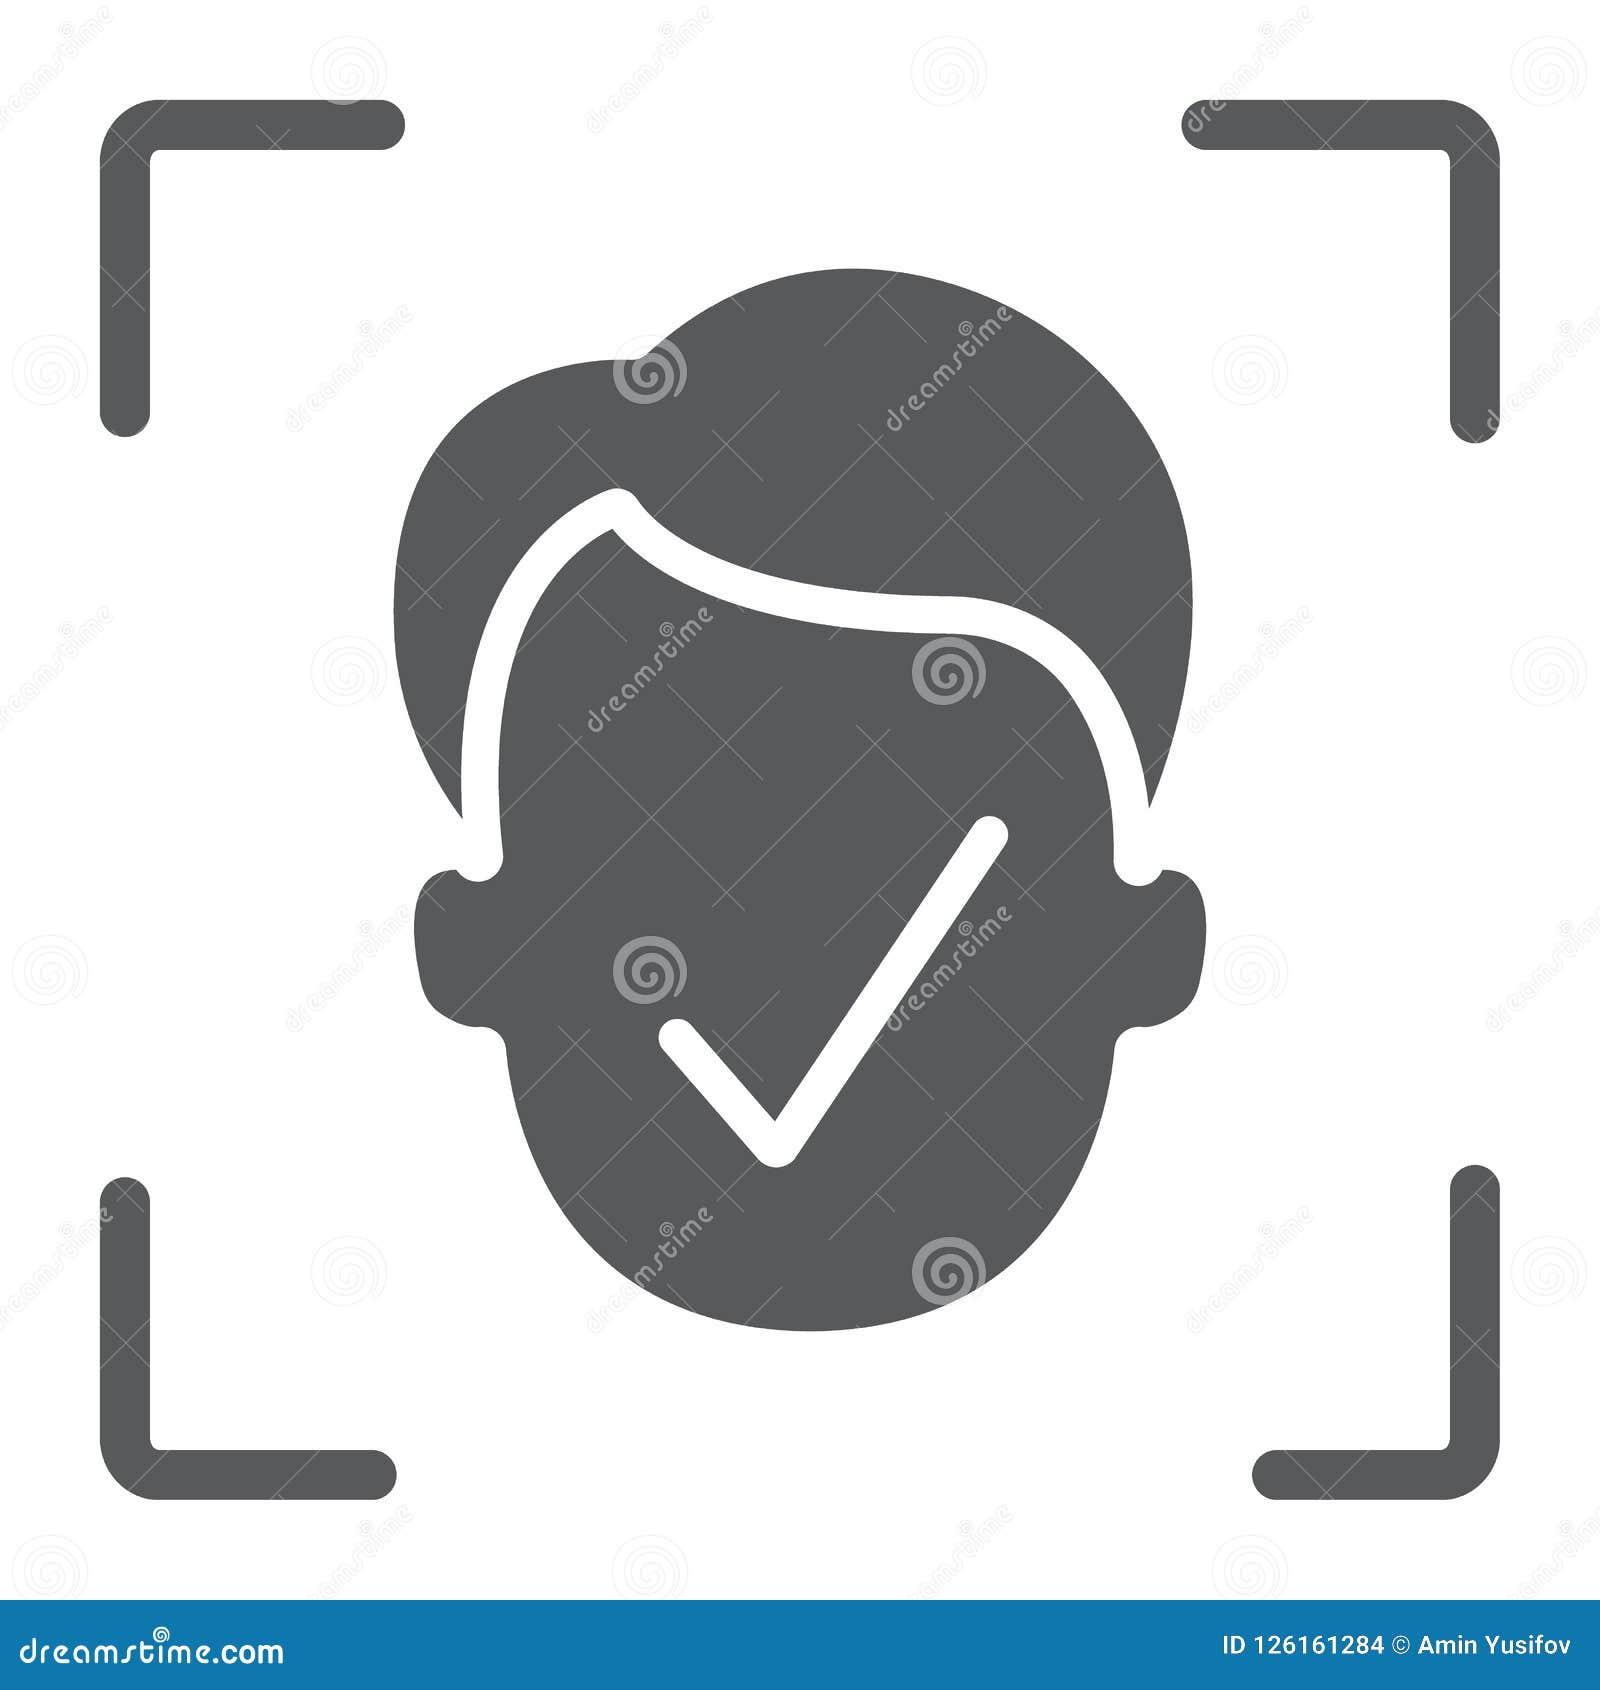 Εικονίδιο ταυτότητας προσώπου glyph, αναγνώριση προσώπου